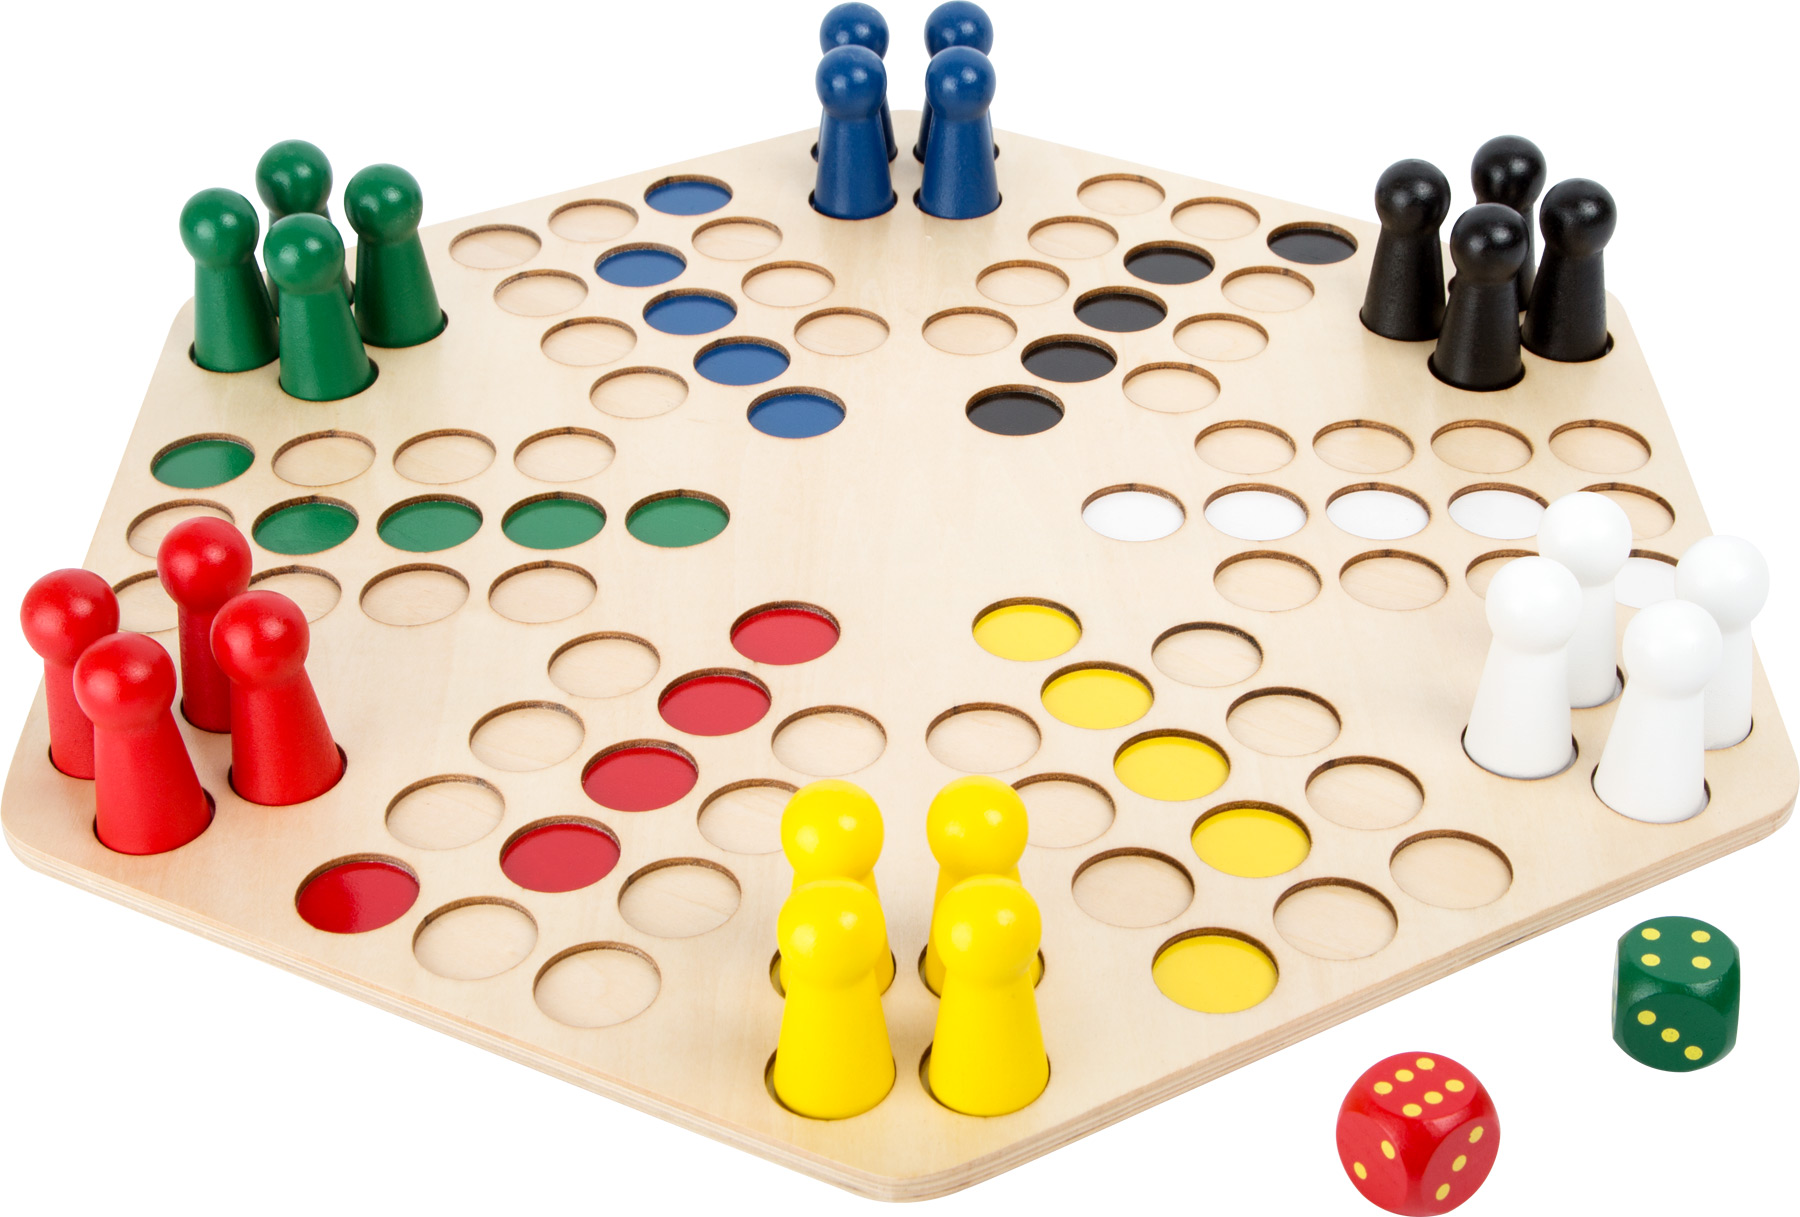 Small Foot Dřevěné člověče nezlob se pro 6 hráčů